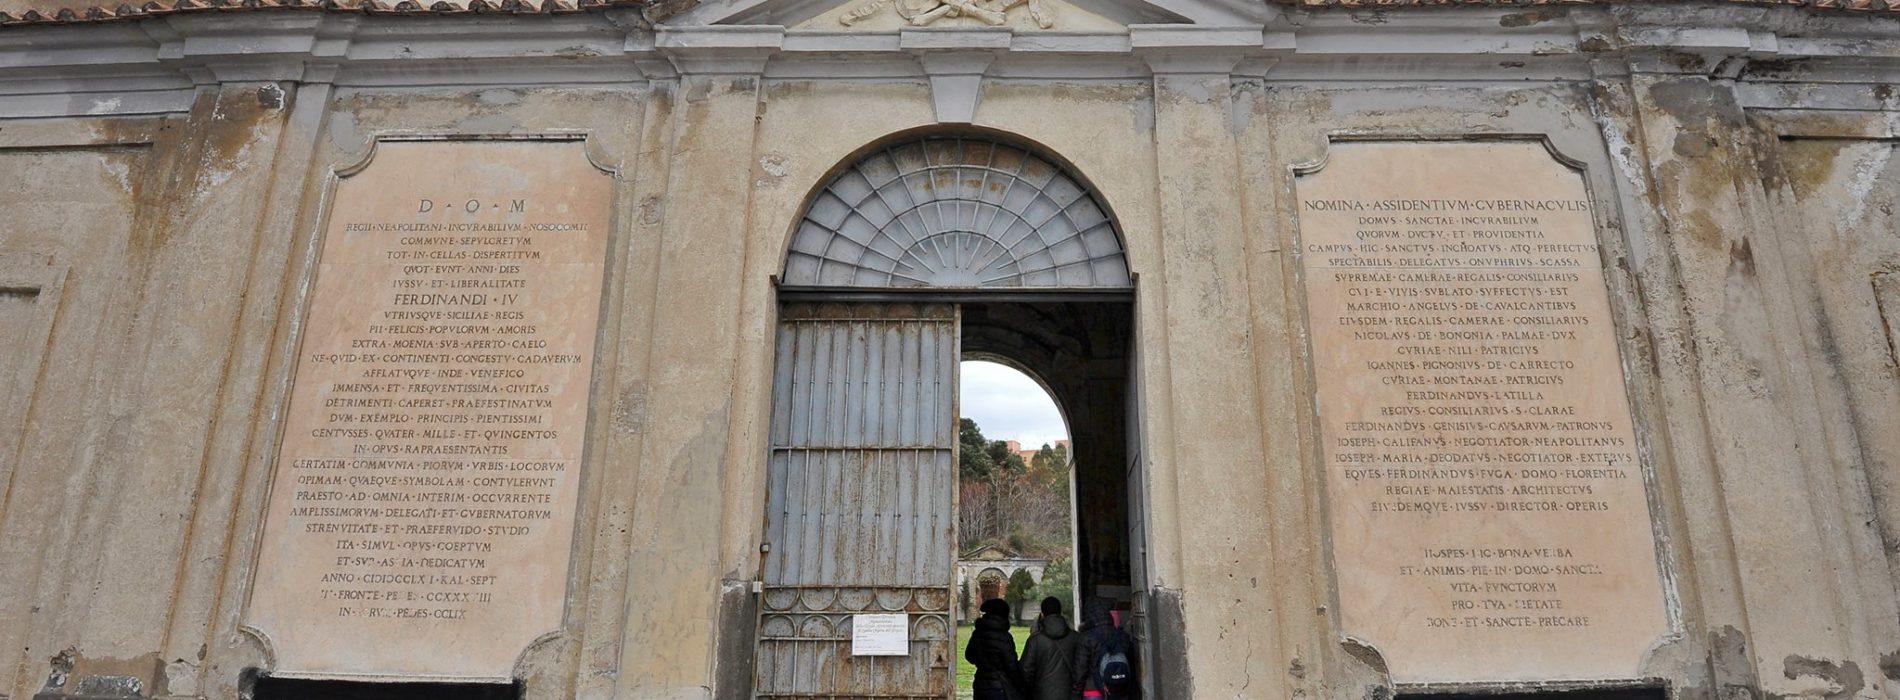 Il cimitero delle 366 fosse, il cimitero dei poveri